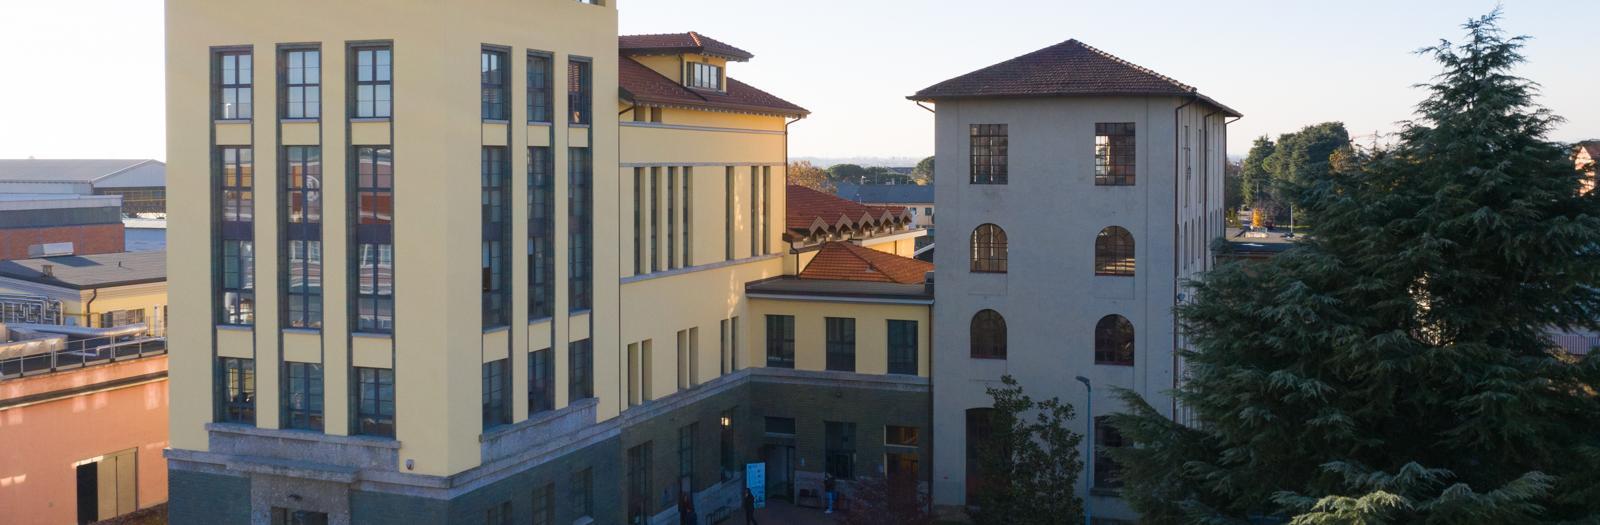 Foto dell'edificio ex-Enel di Dalmine dal drone